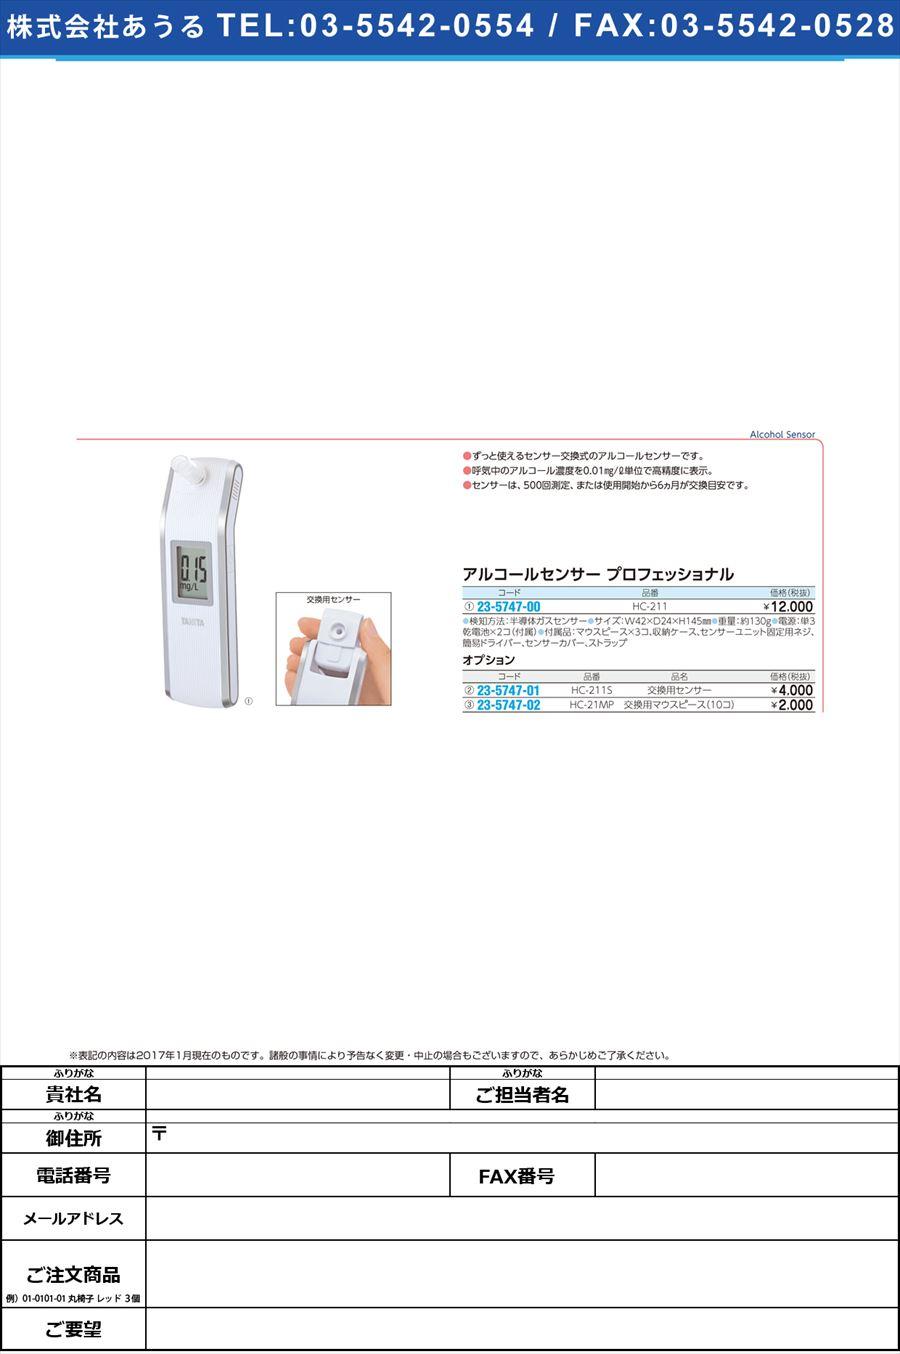 アルコールセンサープロフェッショナル アルコールセンサープロフェッショナル HC-211(23-5747-00)【1個単位】【2017年カタログ商品】